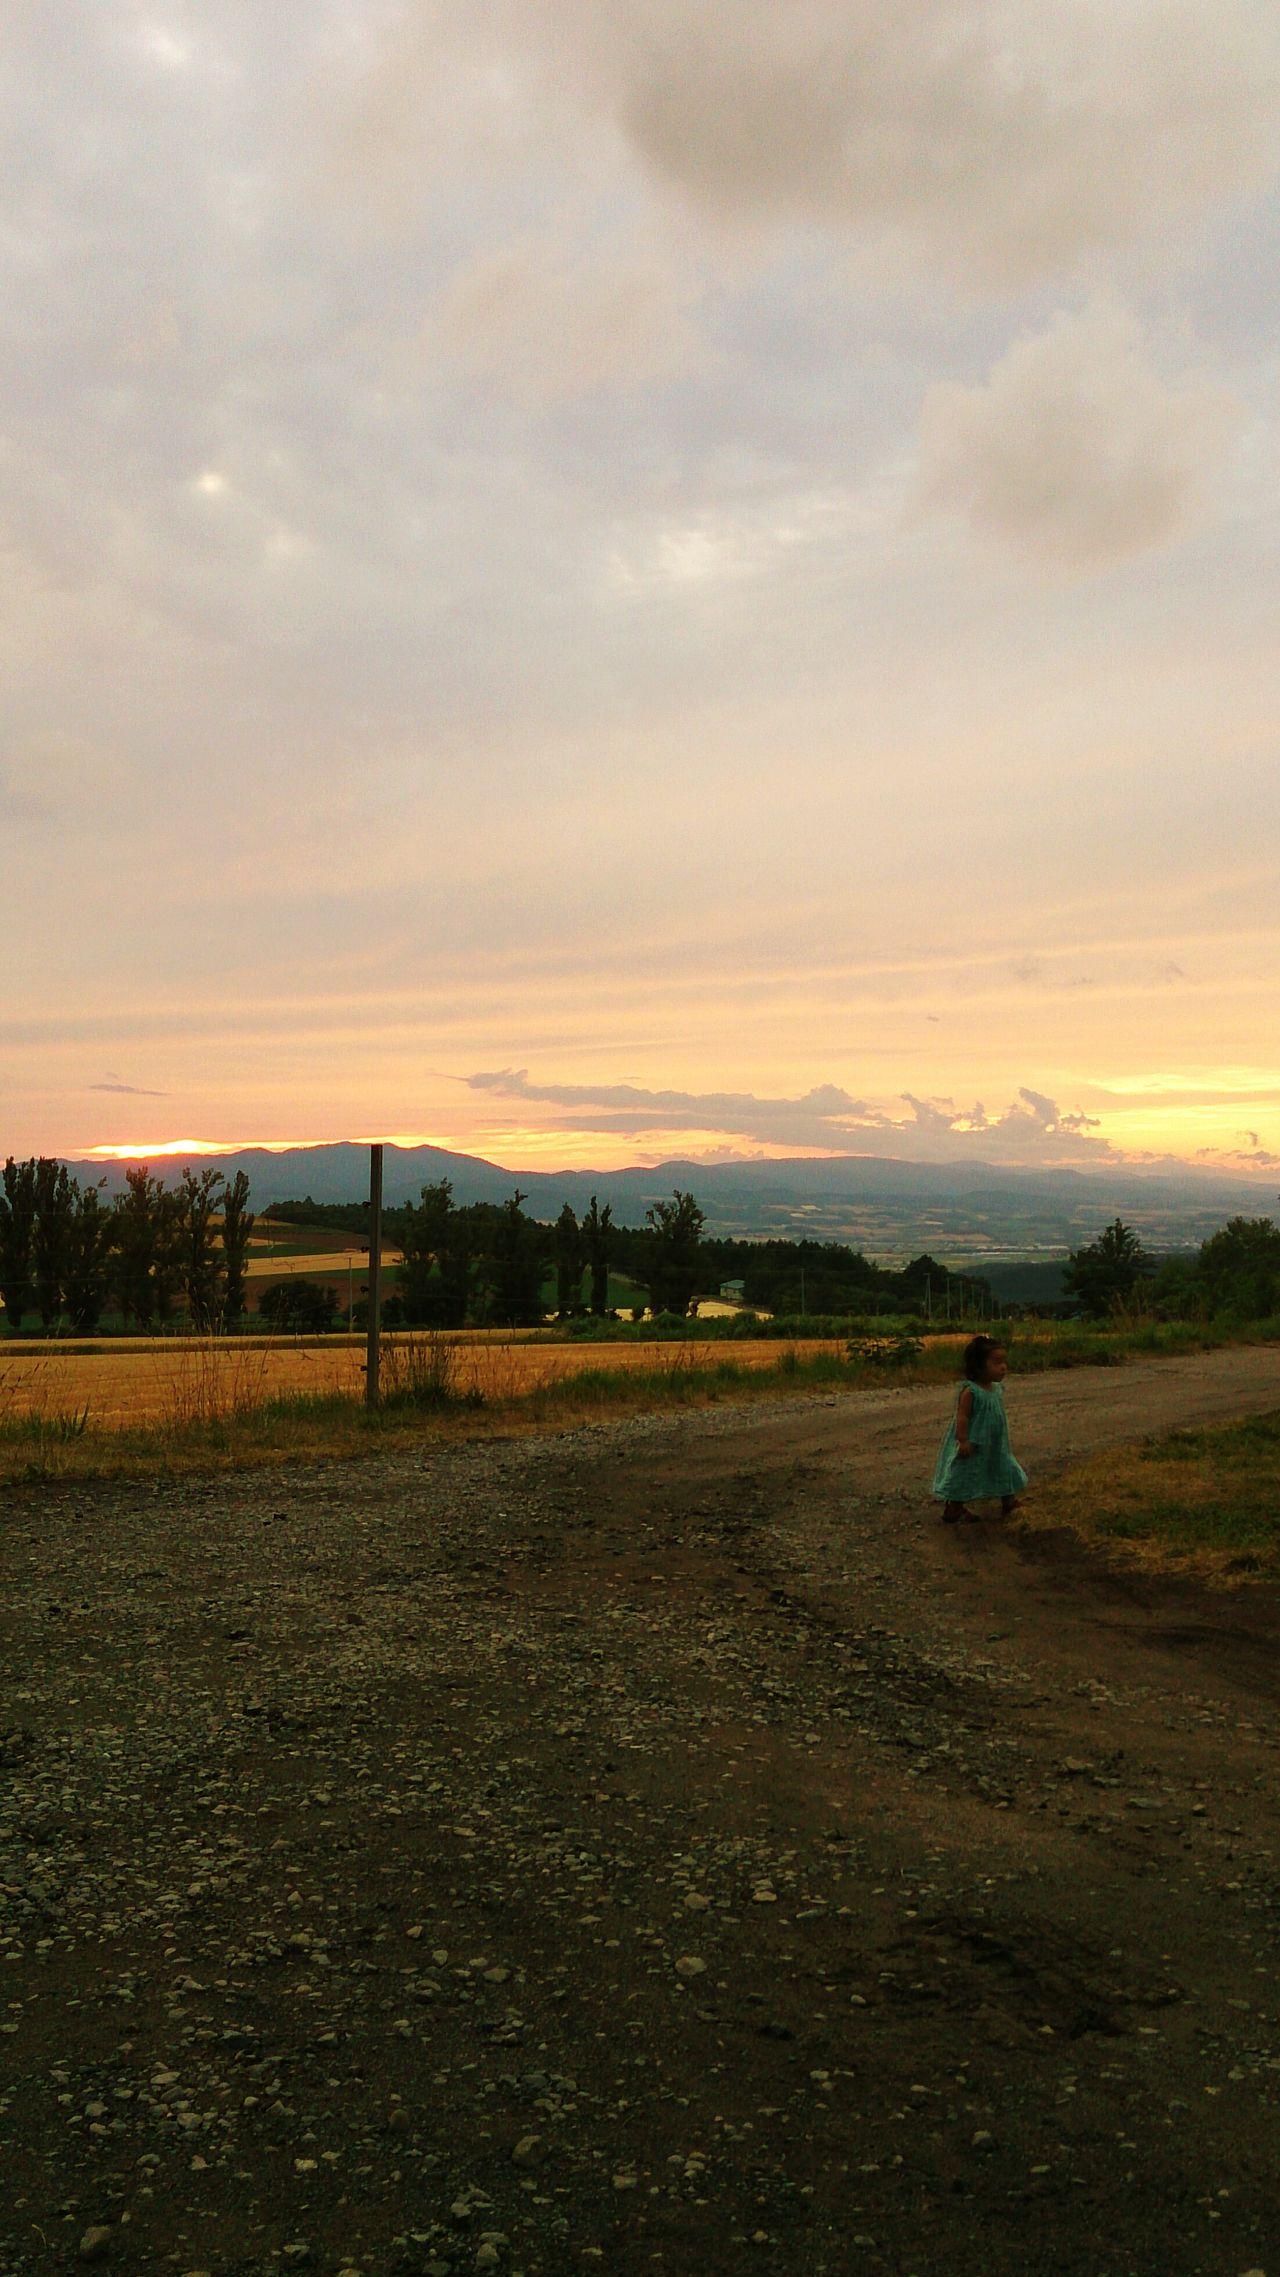 北海道 富良野 Japanese  Hokkaido 夕焼け 女の子 Sunset Girl Field Outdoor Beauty In Nature Golden Hour Magic Hour